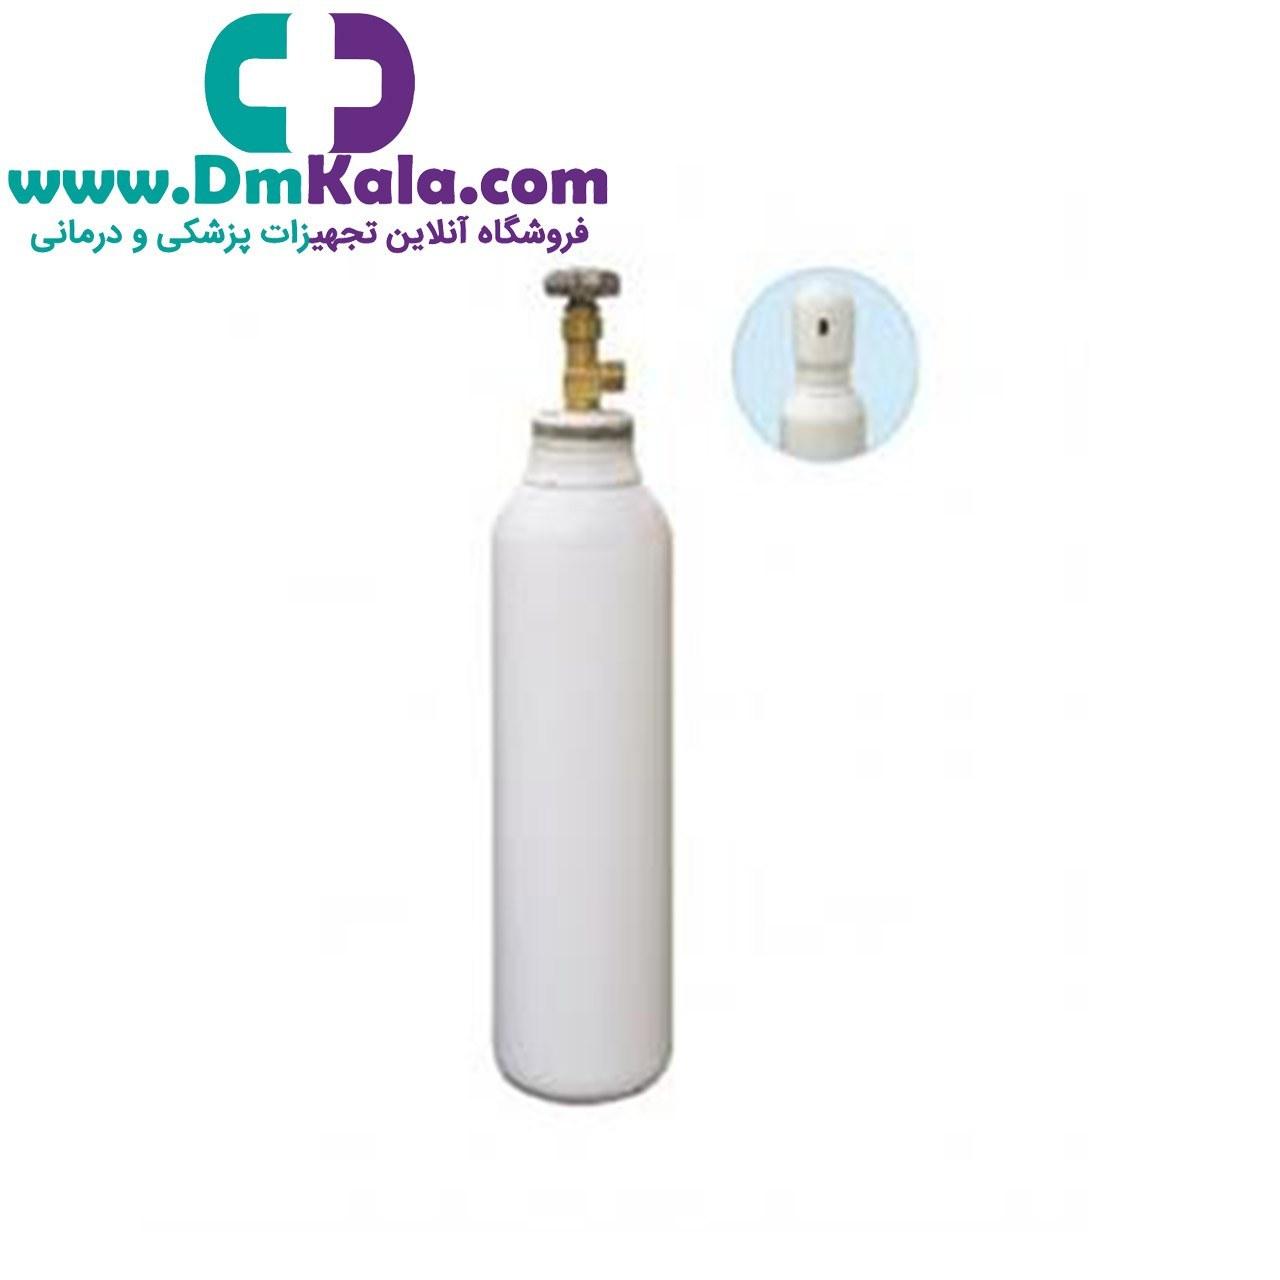 کپسول اکسیژن ۱۰ لیتری استیل